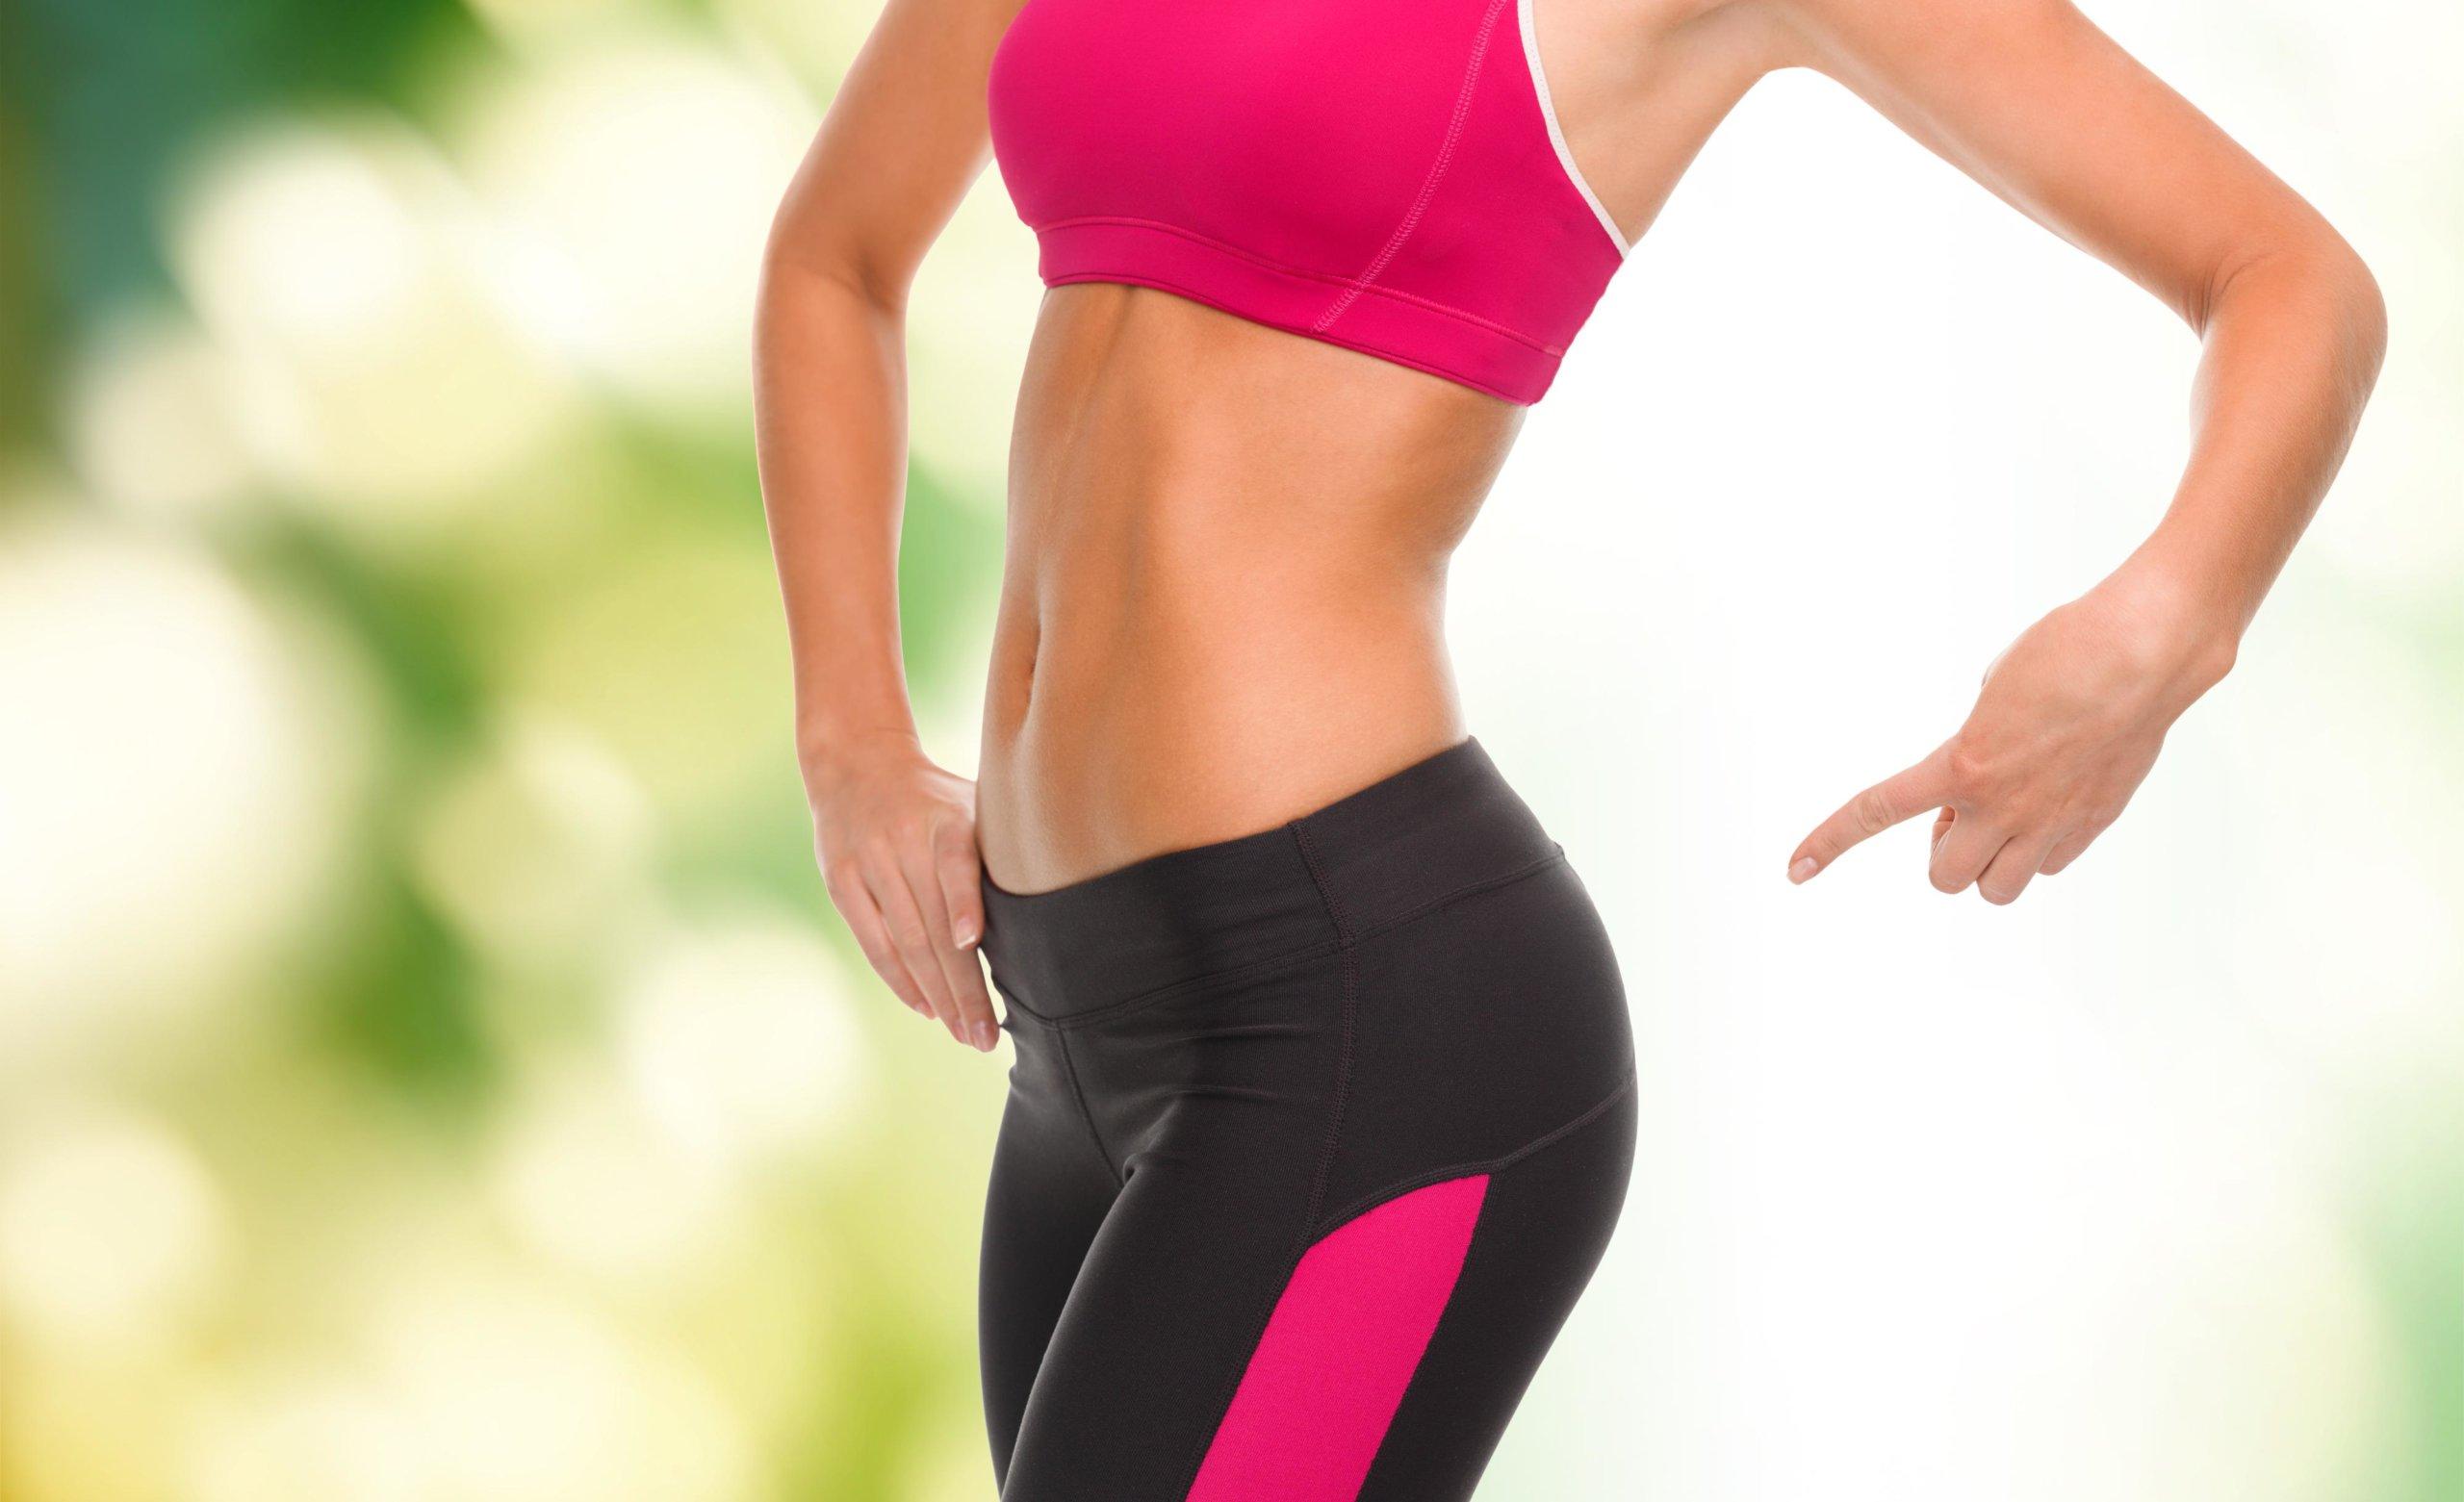 7 effektive Übungen für einen tollen Knackpo